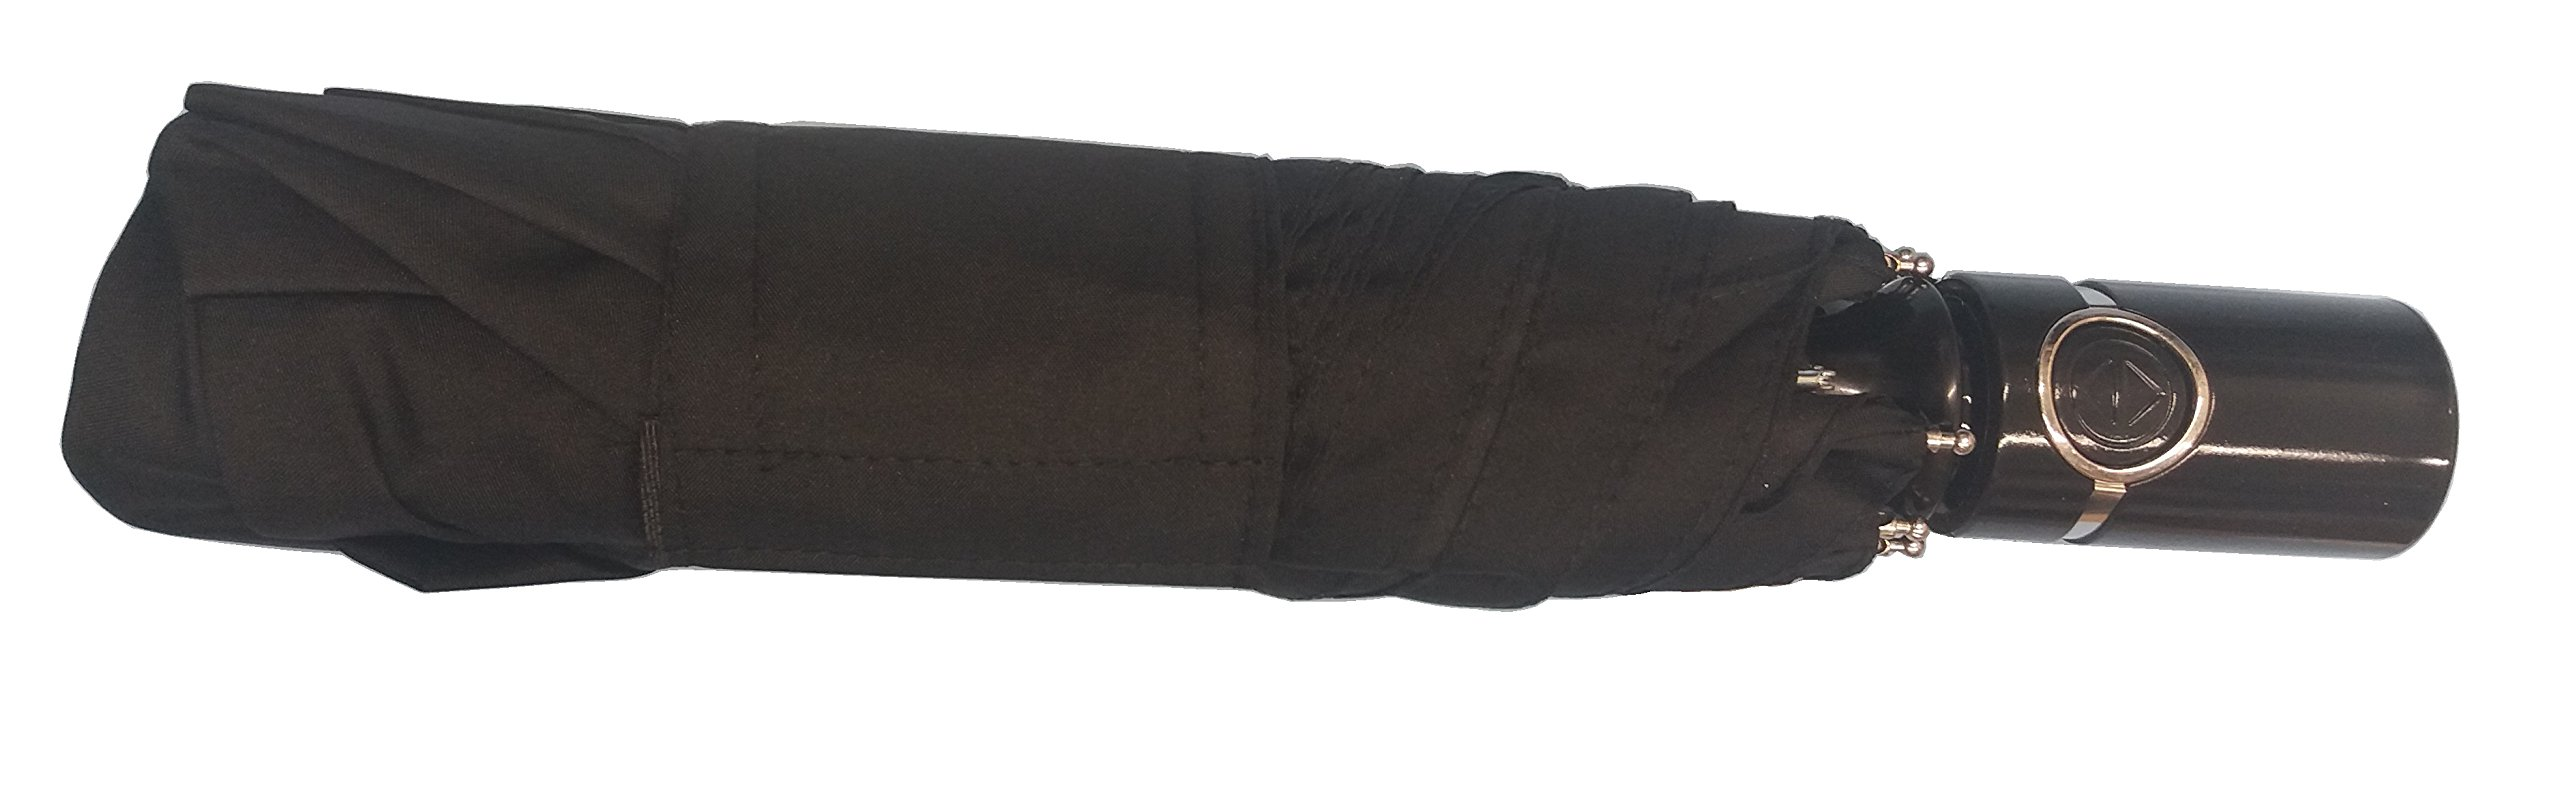 Totes Auto Open & Auto Close Umbrella SunGuard UPF 50+ Large Coverage 43'' arc Black